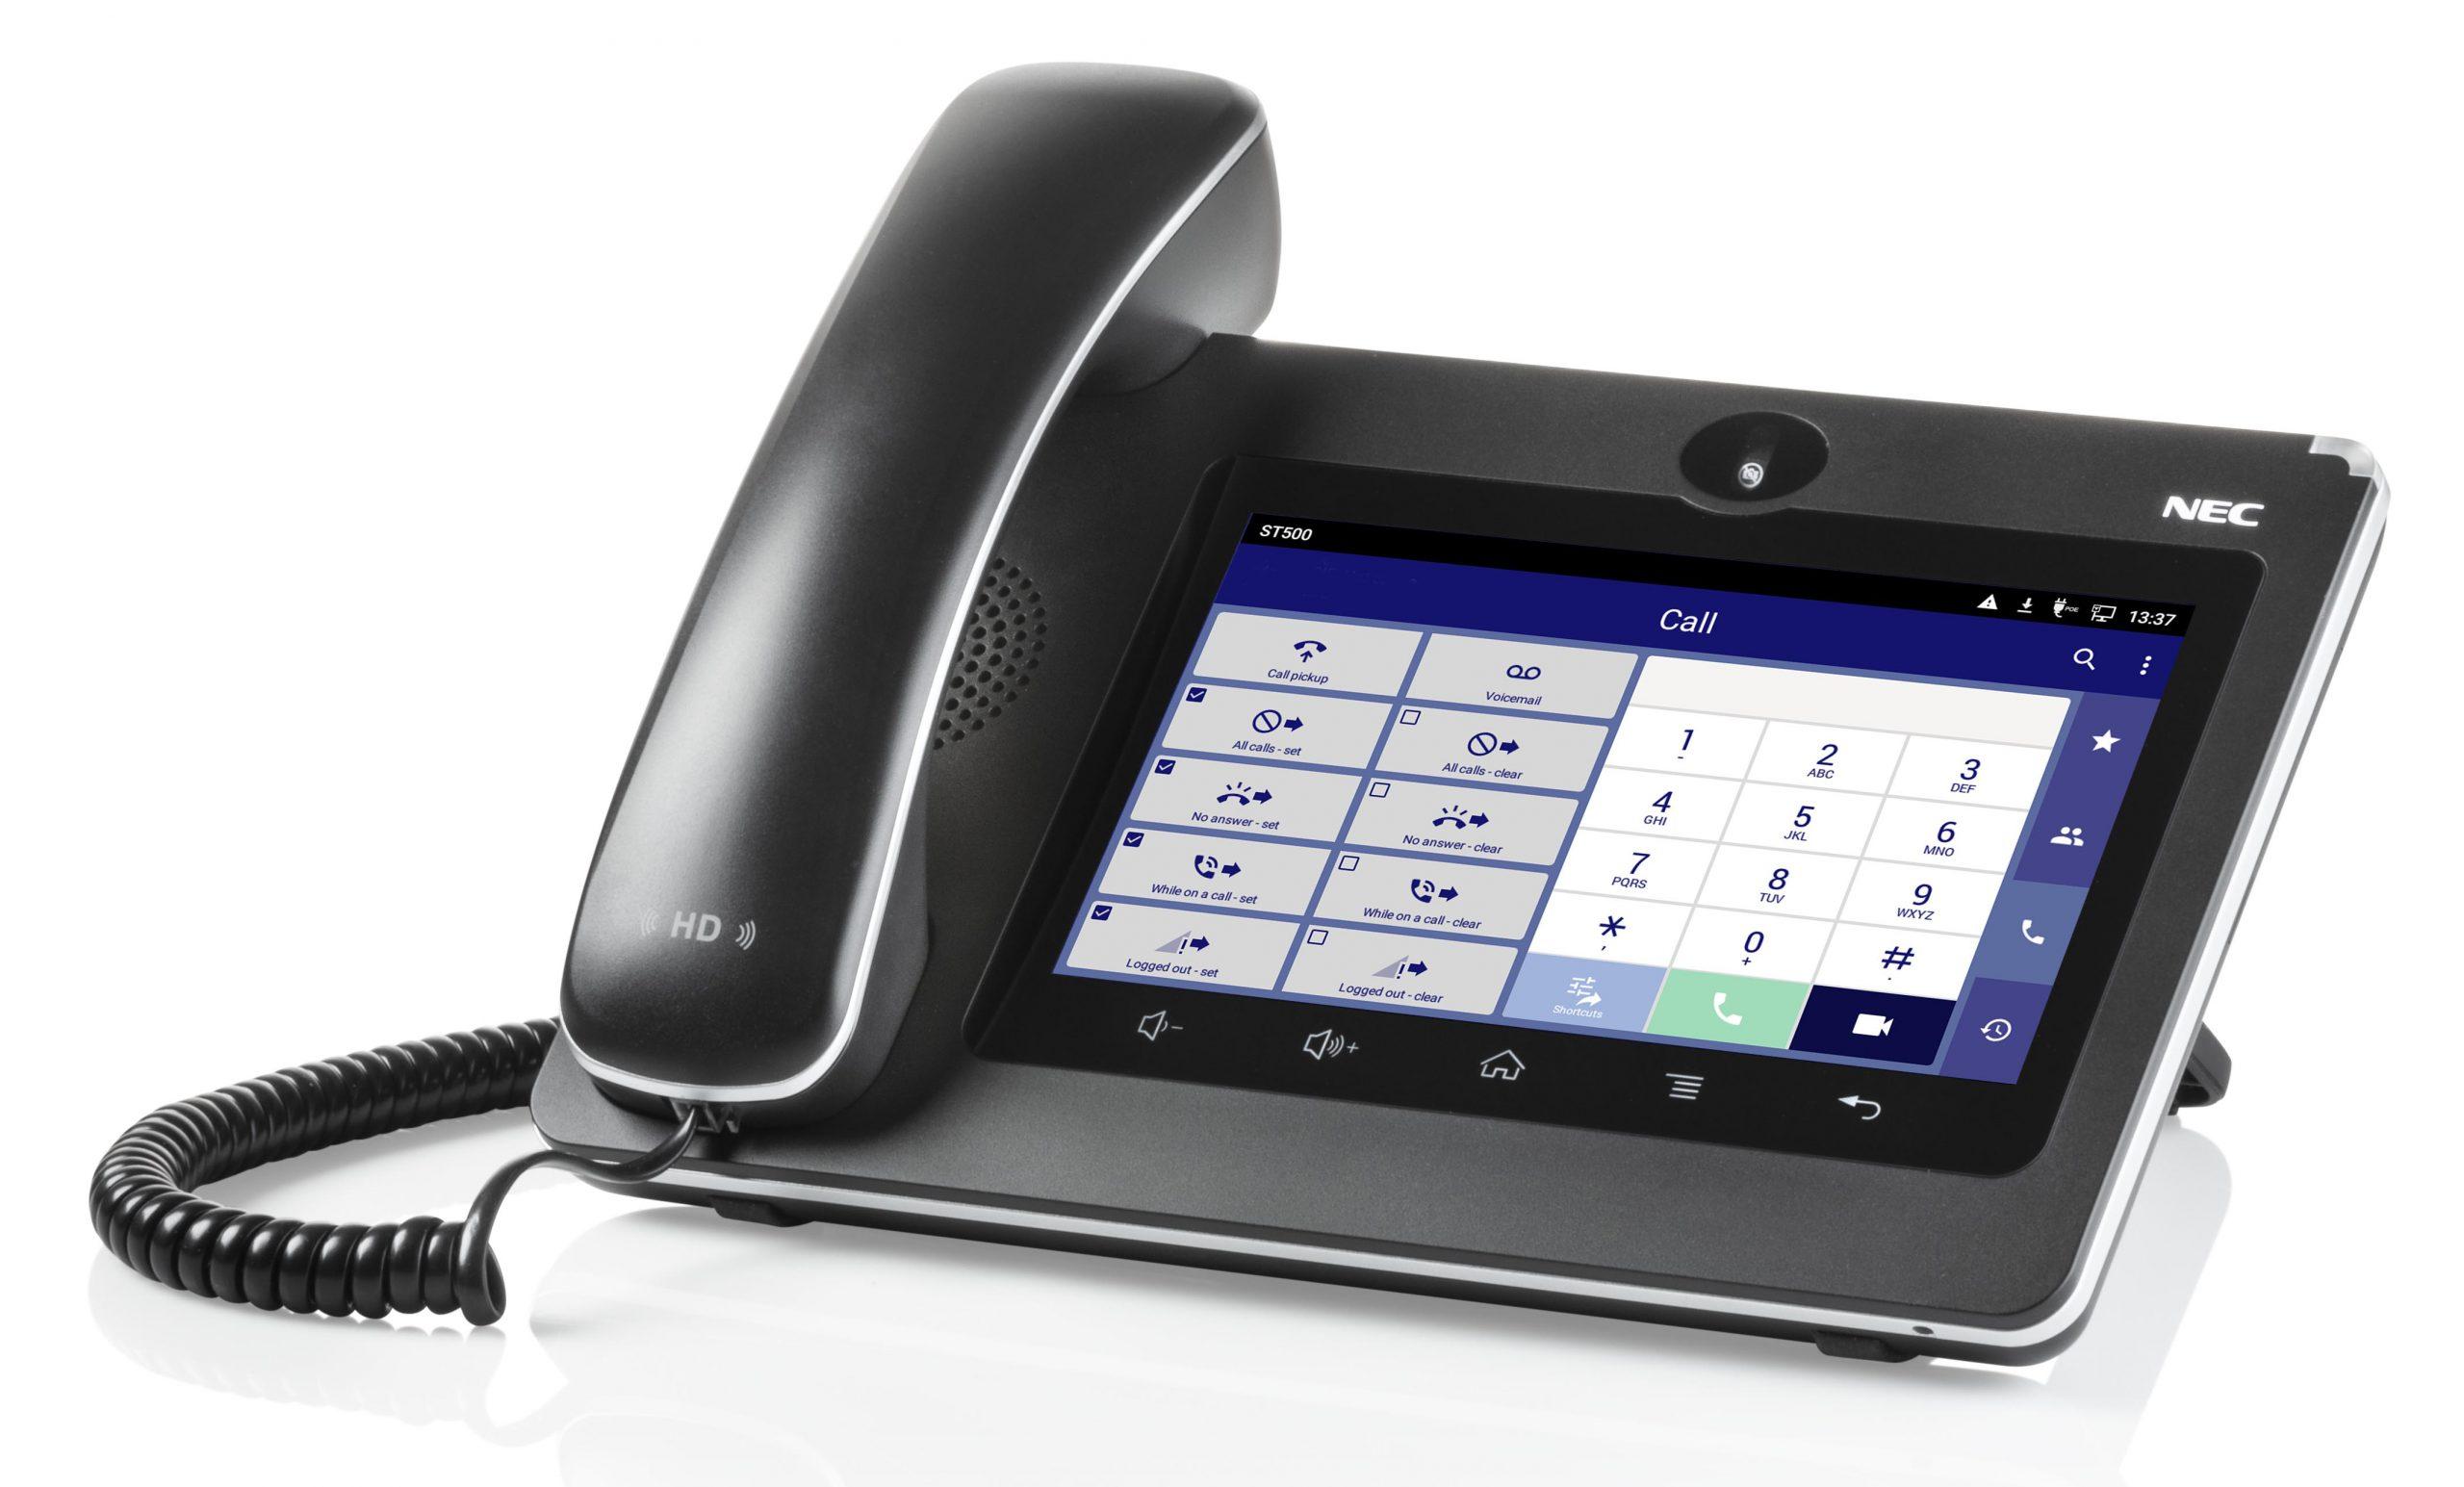 NEC phone 1